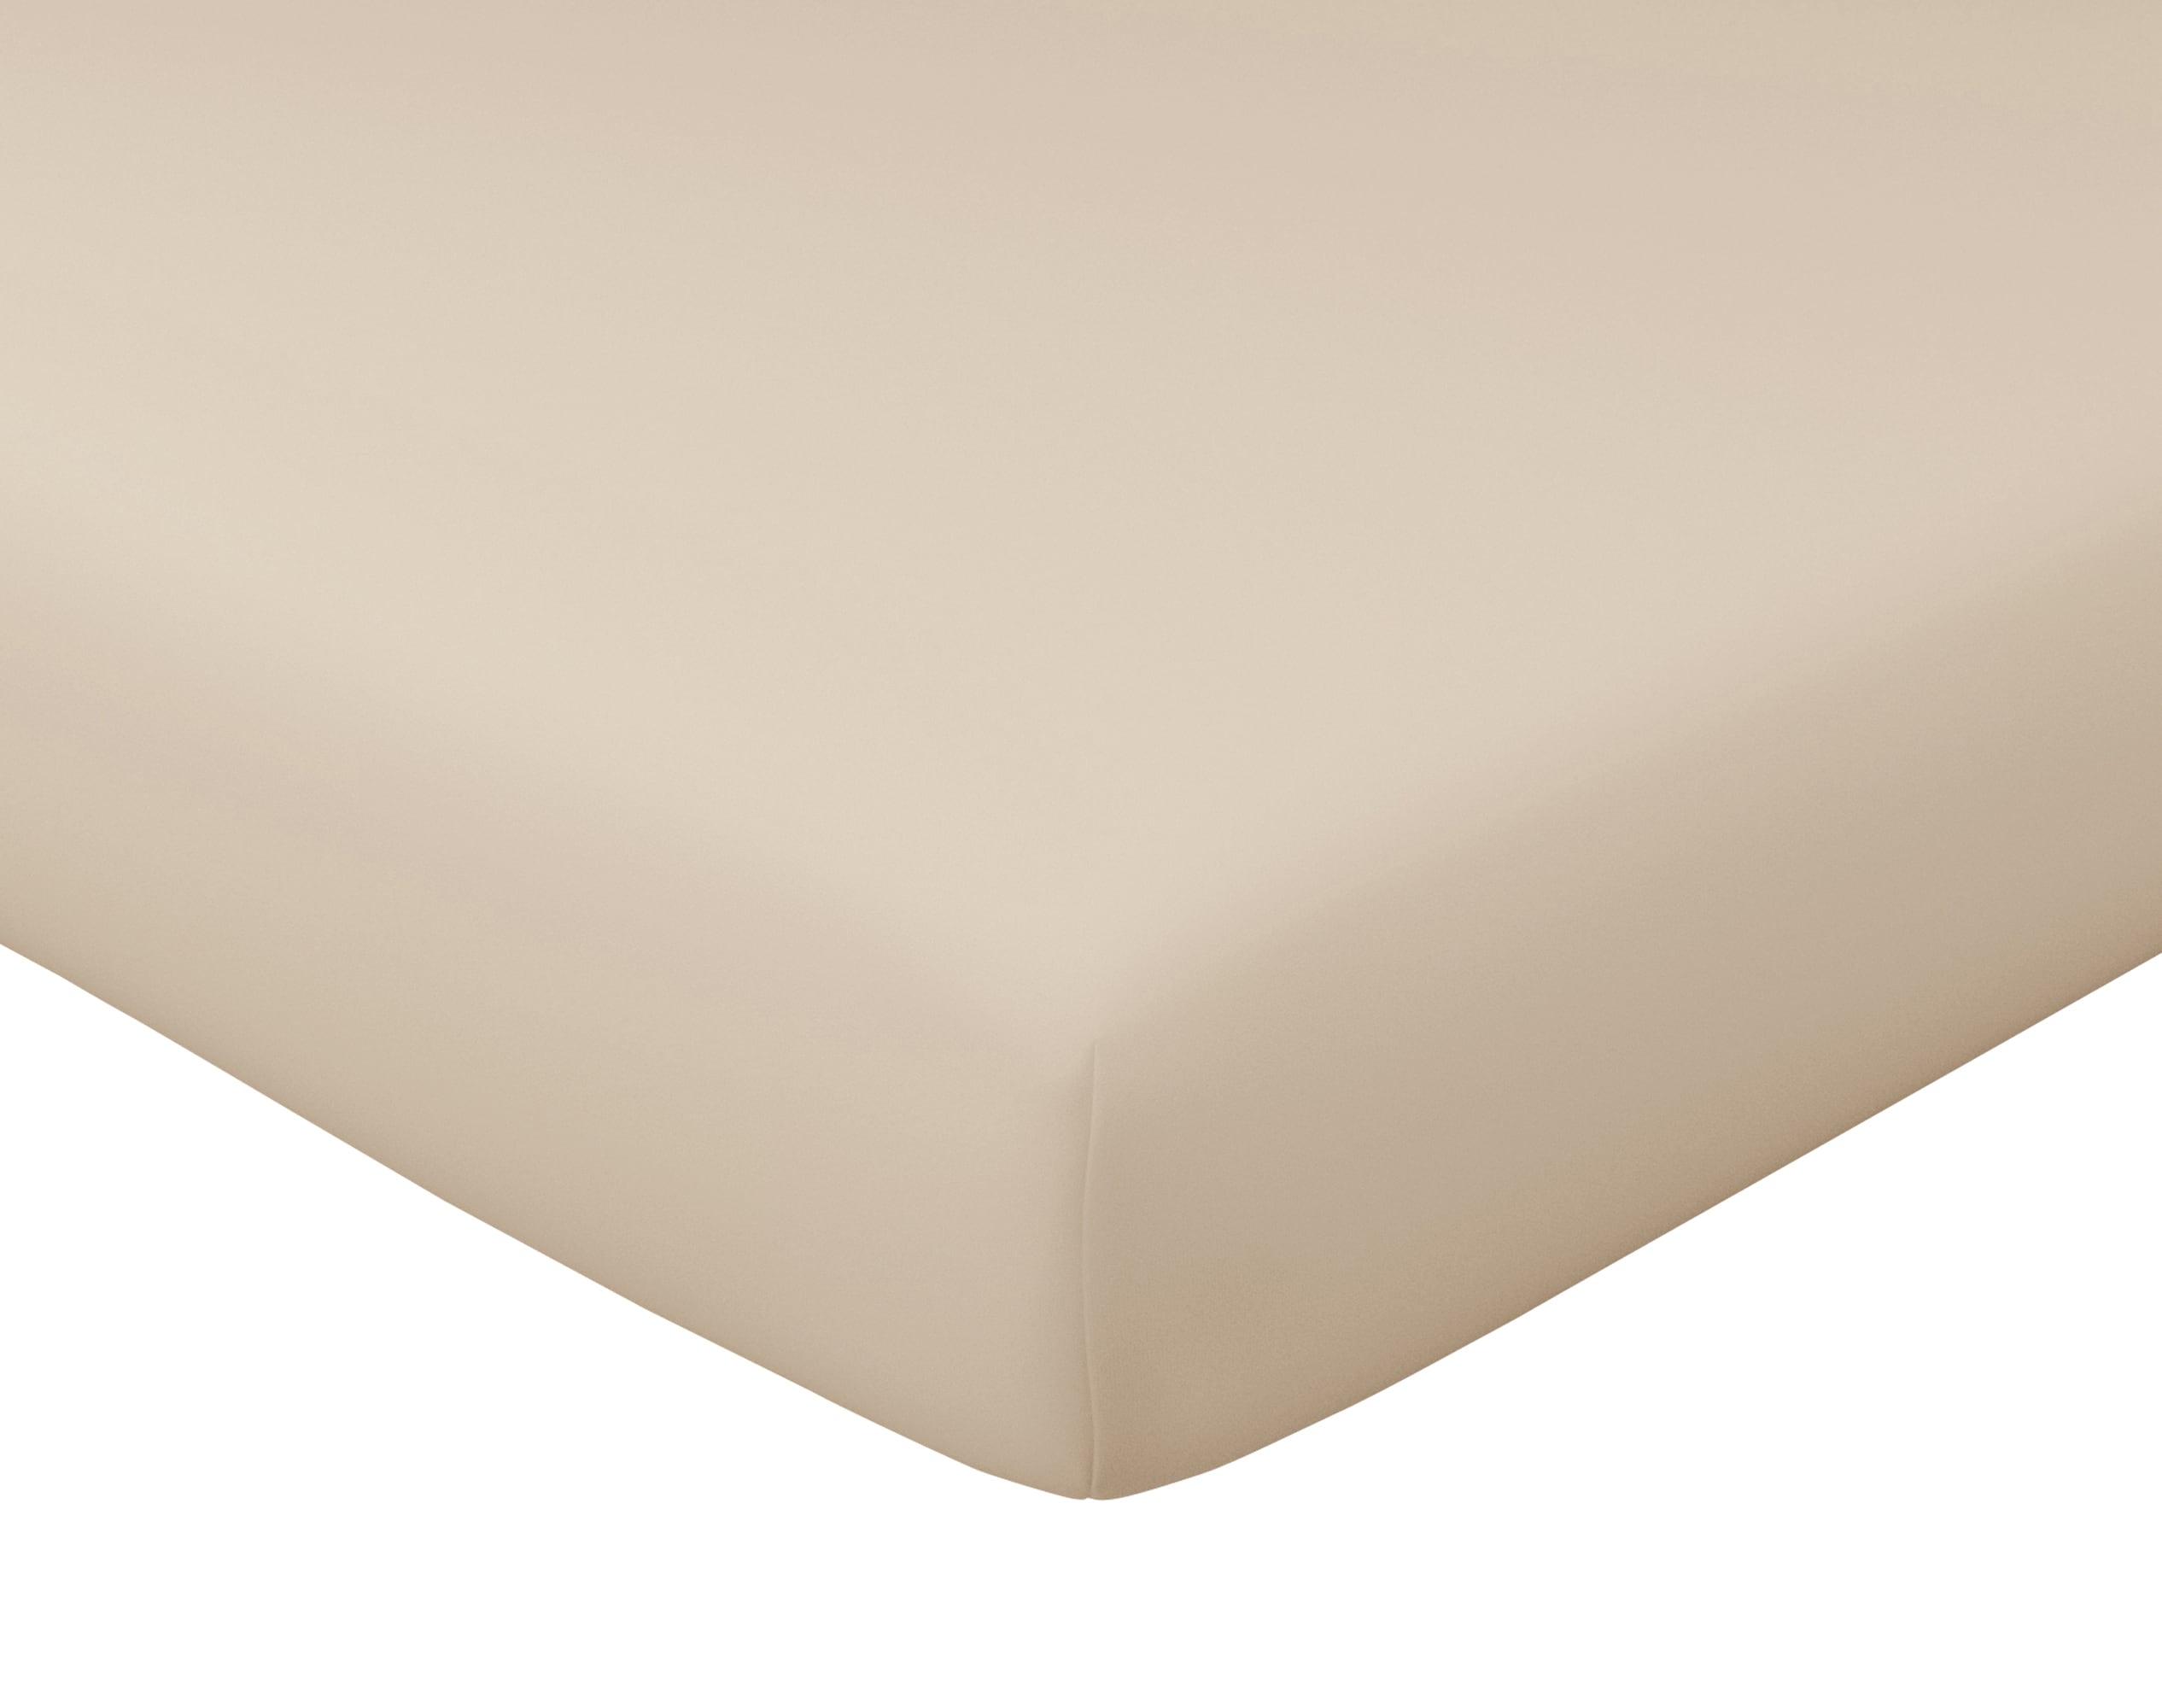 Drap-housse 160x200 en satin de coton  beige